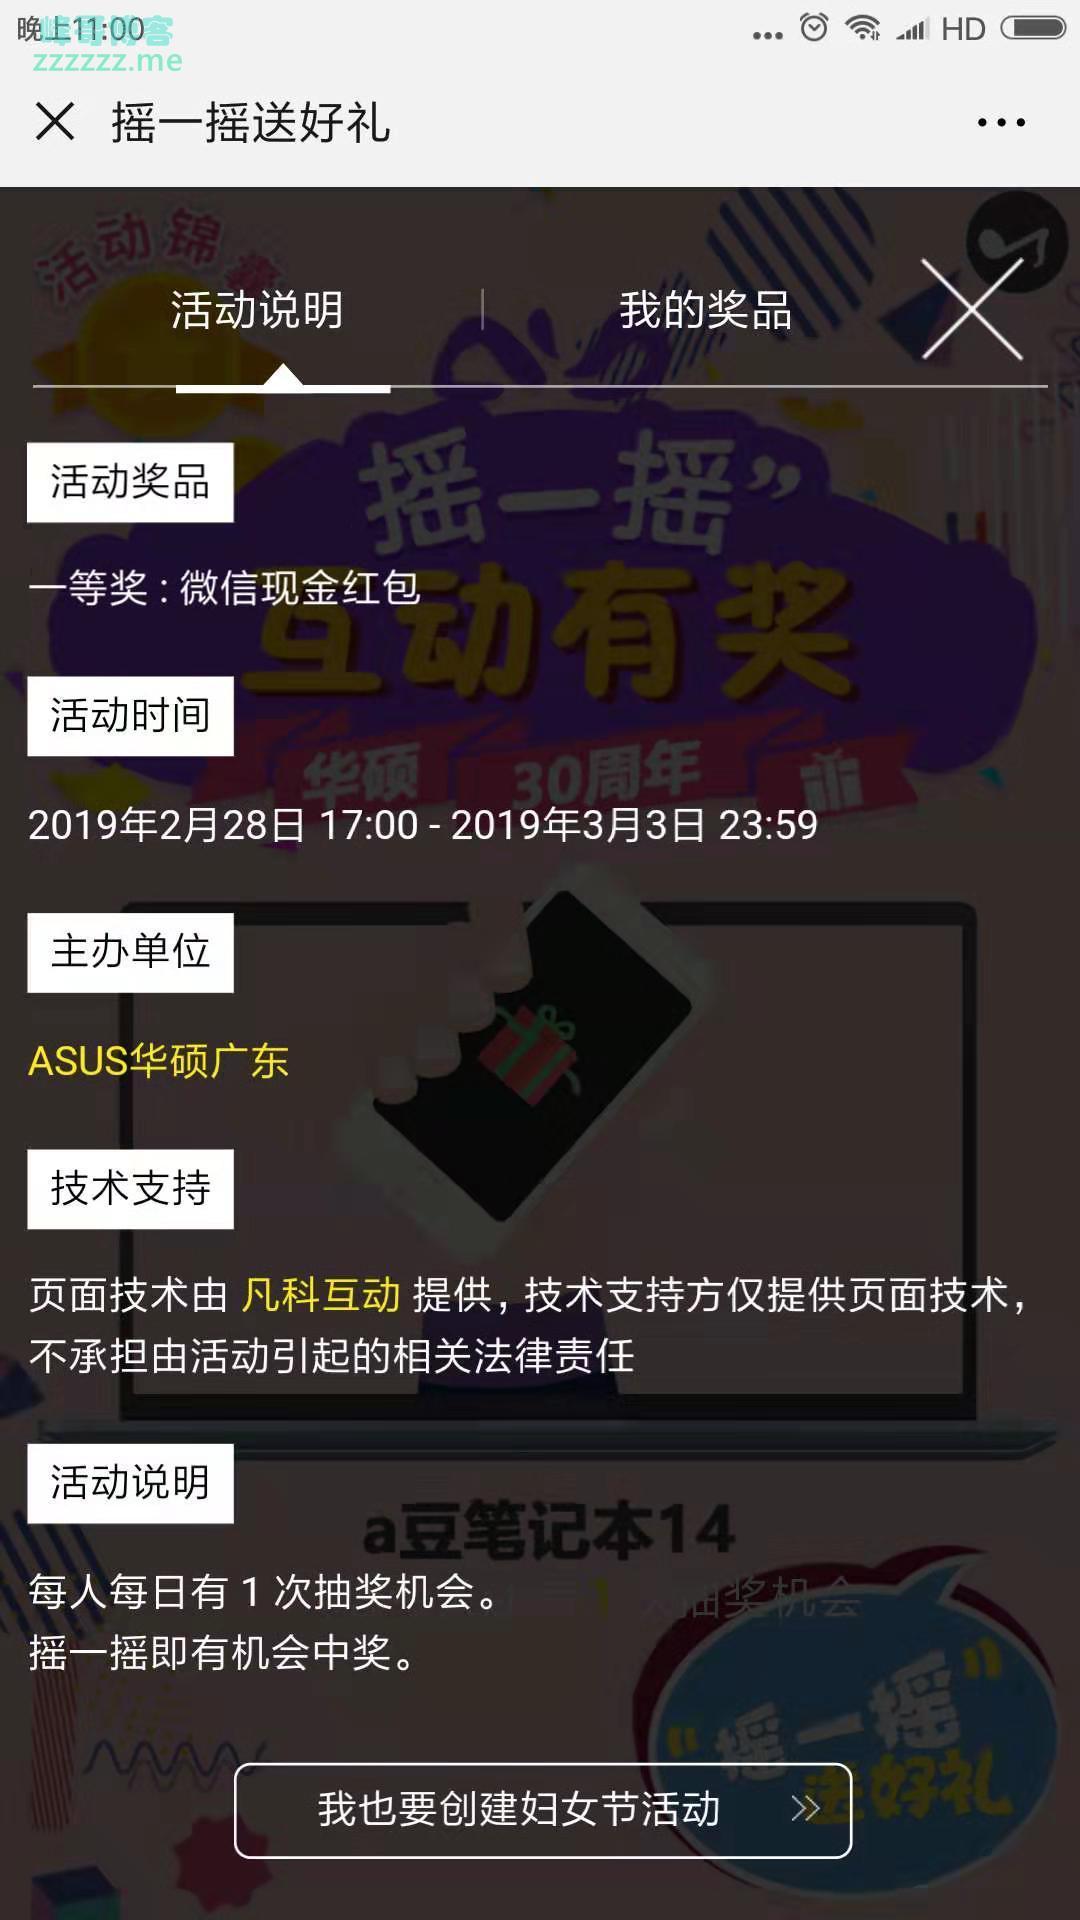 <ASUS华硕广东>30周年有礼(截至3月3日)